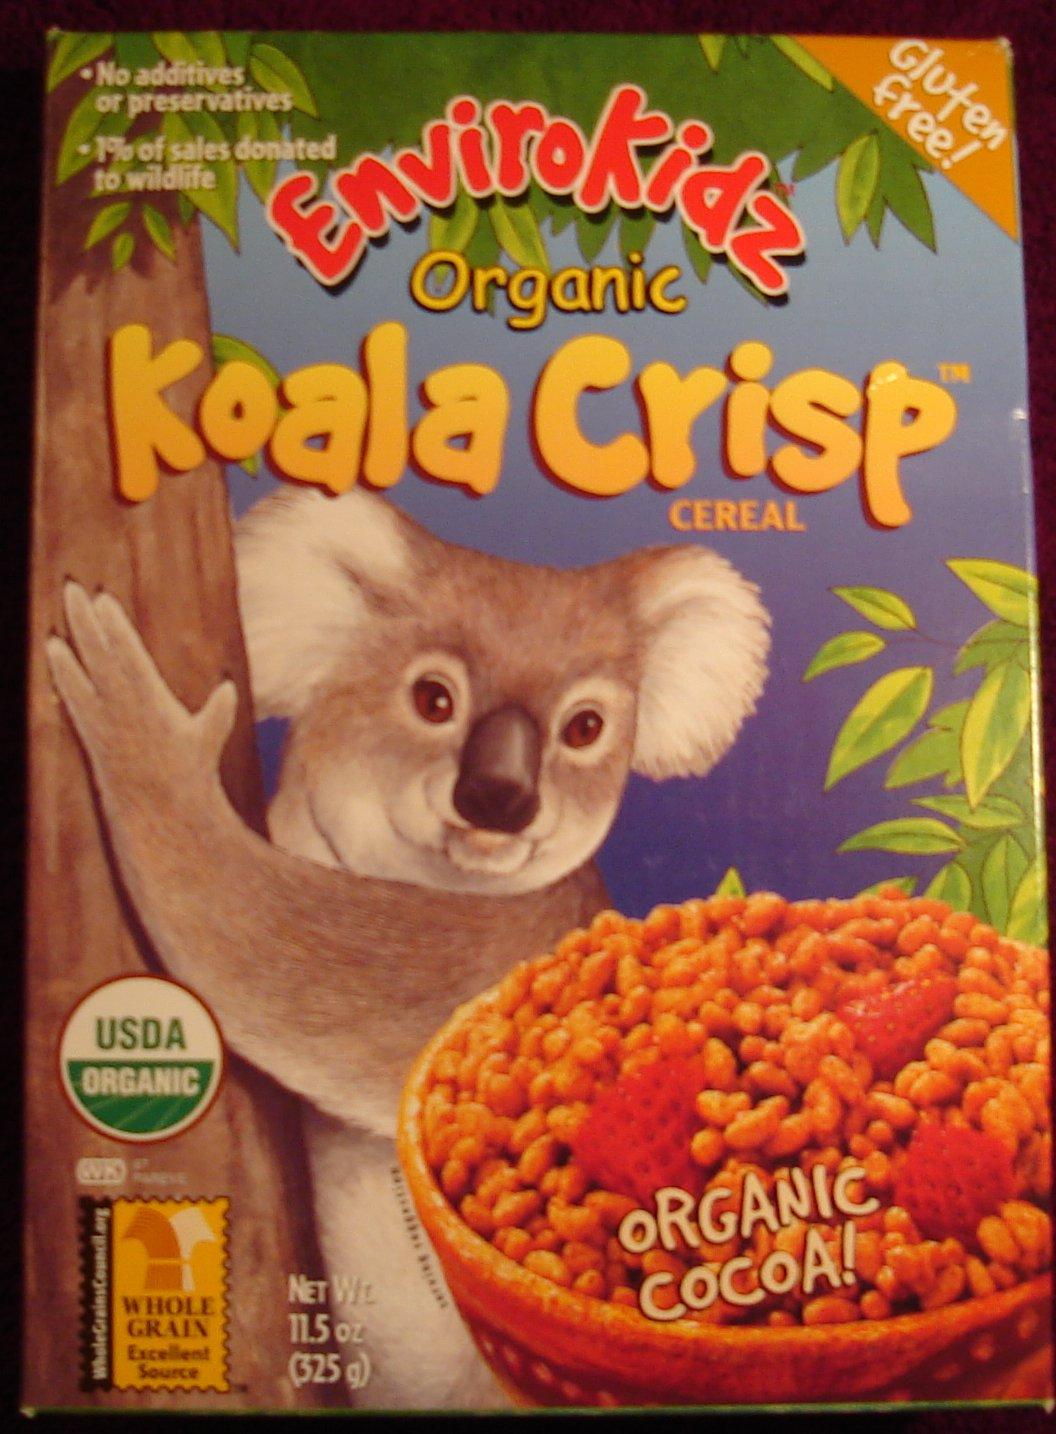 Koala Crisps